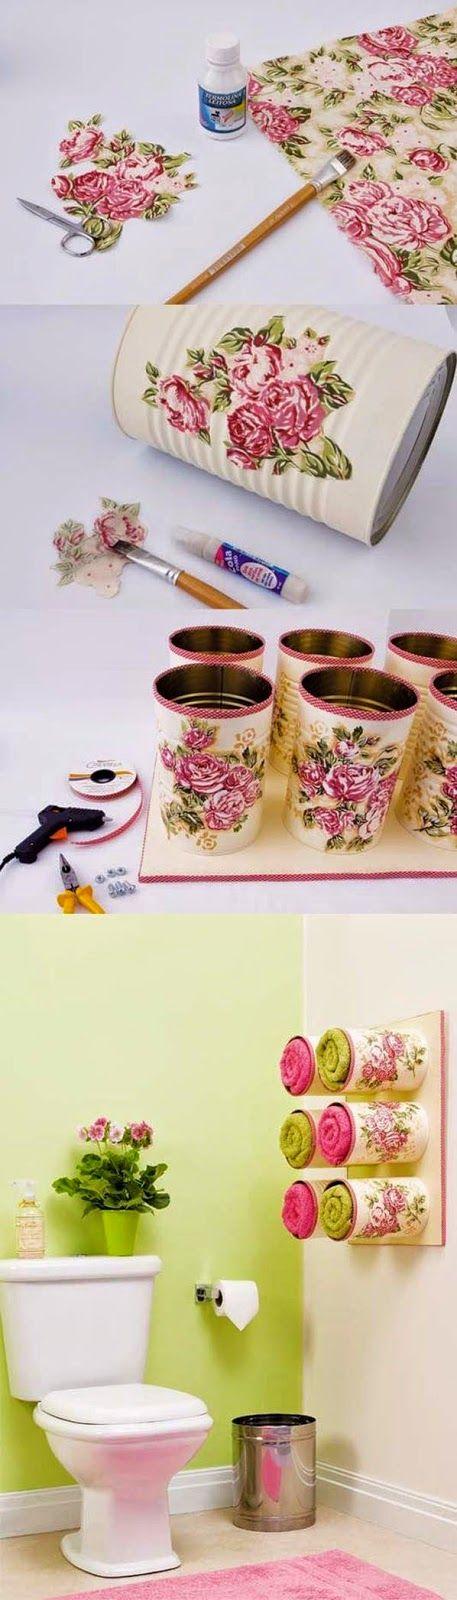 El Rincón Vintage de Karmela: DIYs facilitos para impacientes.